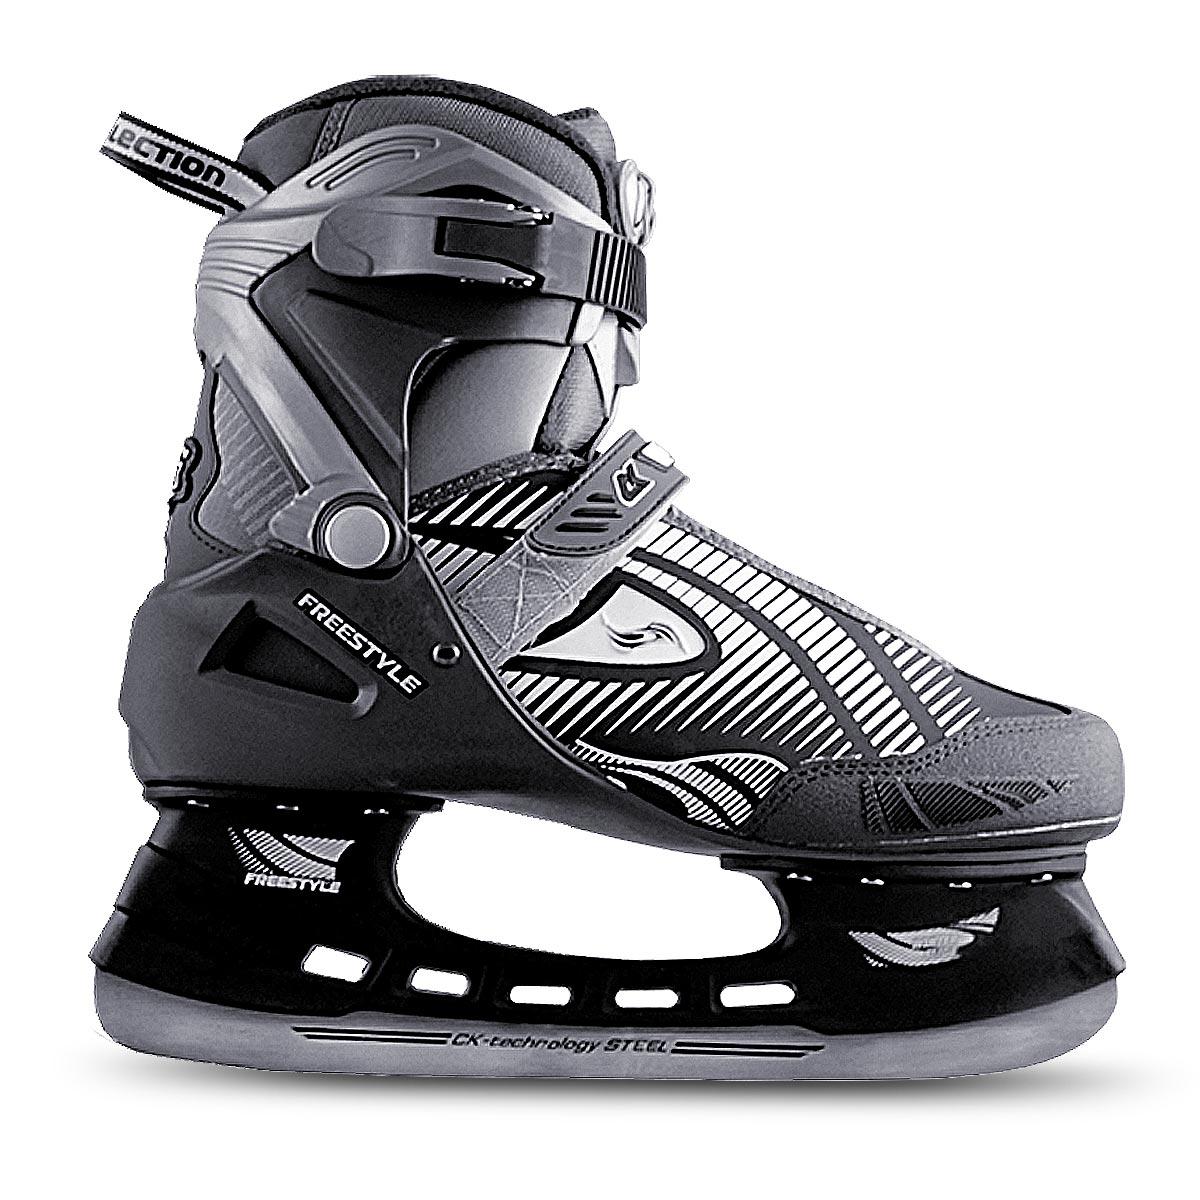 Коньки хоккейные мужские СК Freestyle, цвет: серый, черный. Размер 37FREESTYLE_серый, черный_37Оригинальные мужские коньки от CK Freestyle с ударопрочной защитной конструкцией прекрасно подойдут для начинающих игроков в хоккей. Сапожок, выполненный из комбинации ПВХ, морозостойкой искусственной кожи, нейлона и капровелюра, обеспечит тепло и комфорт во время катания. Внутренний слой изготовлен из фланелета, а стелька - из текстиля. Пластиковая бакля и шнуровка с фиксатором, а также хлястик на липучке надежно фиксируют голеностоп. Плотный мысок и усиленный задник оберегают ногу от ушибов. Фигурное лезвие изготовлено из углеродистой нержавеющей стали со специальным покрытием, придающим дополнительную прочность. Изделие по верху декорировано оригинальным принтом и тиснением в виде логотипа бренда. Задняя часть коньков дополнена широким ярлычком для более удобного надевания обуви. Стильные коньки придутся вам по душе.